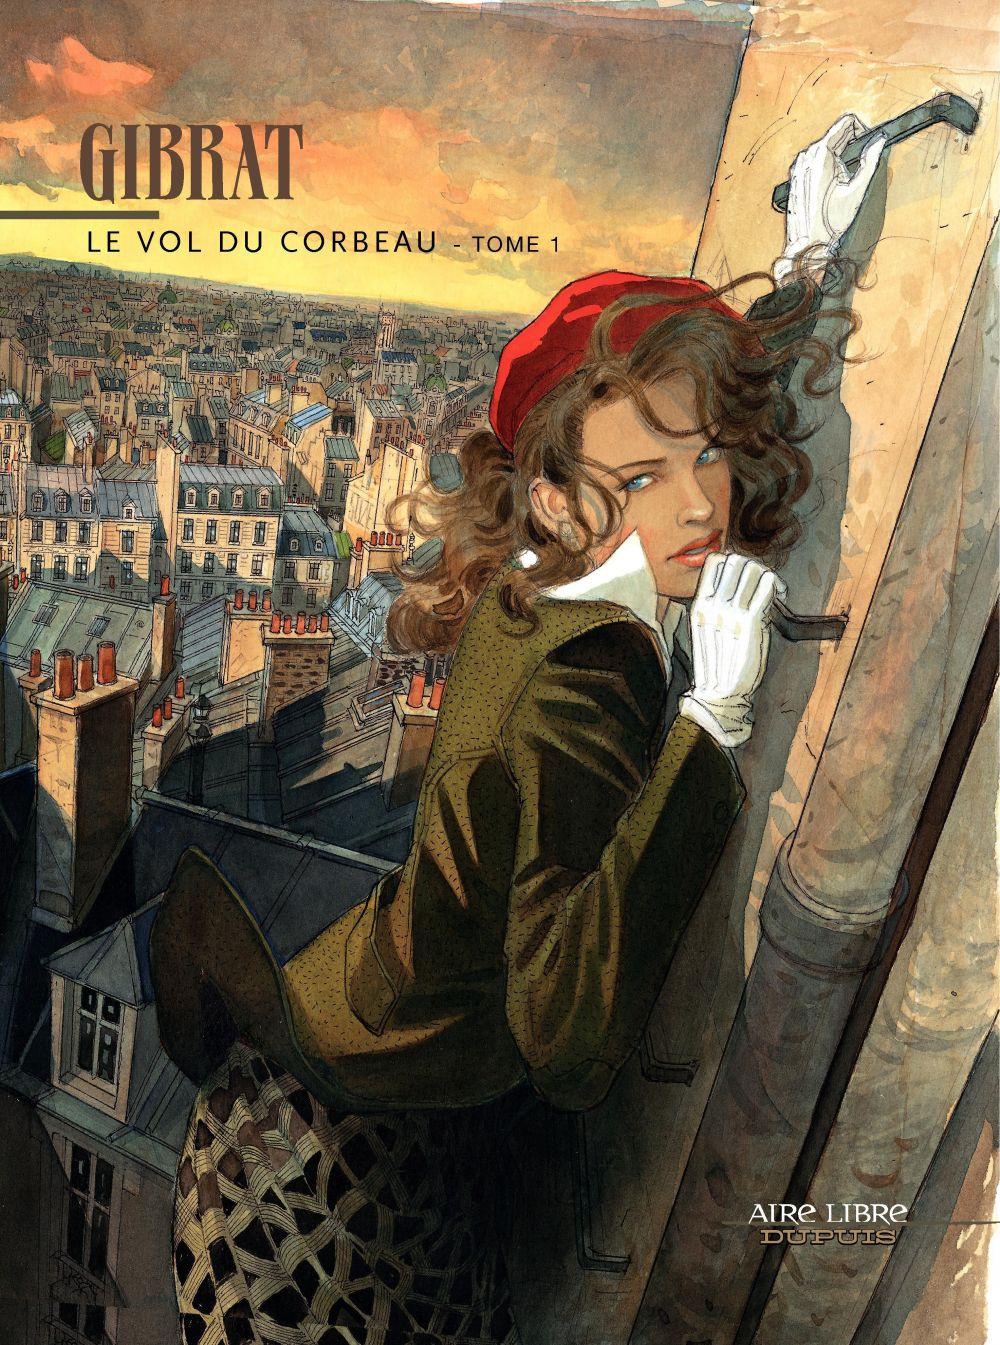 Le Vol du corbeau - Tome 1 | Gibrat (1954-....). Auteur